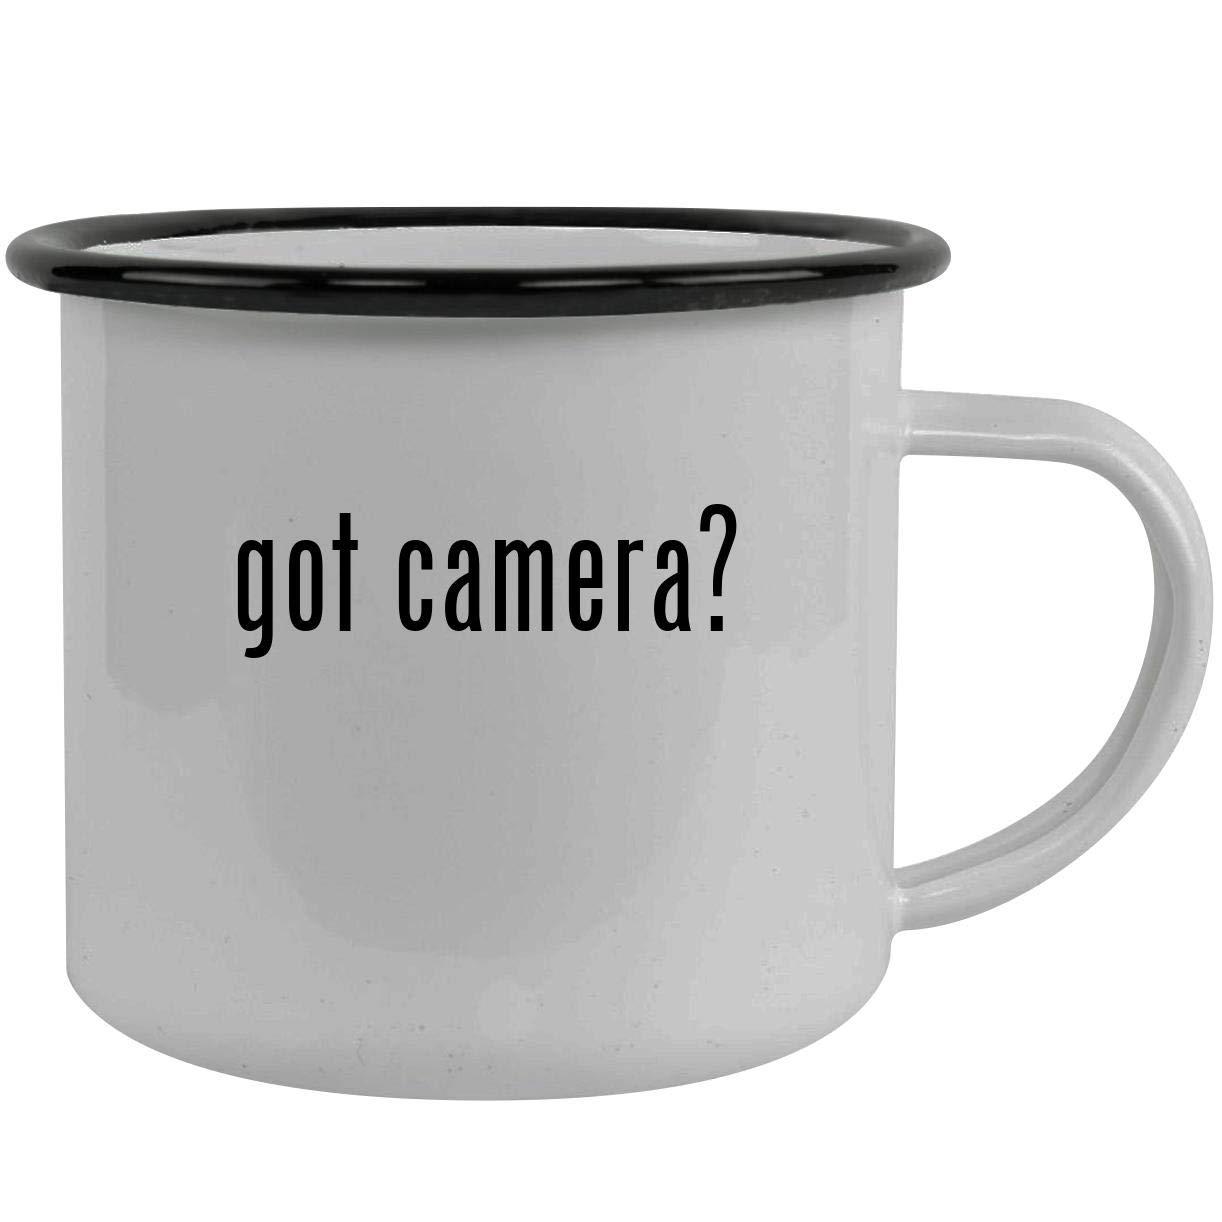 got camera? - Stainless Steel 12oz Camping Mug, Black